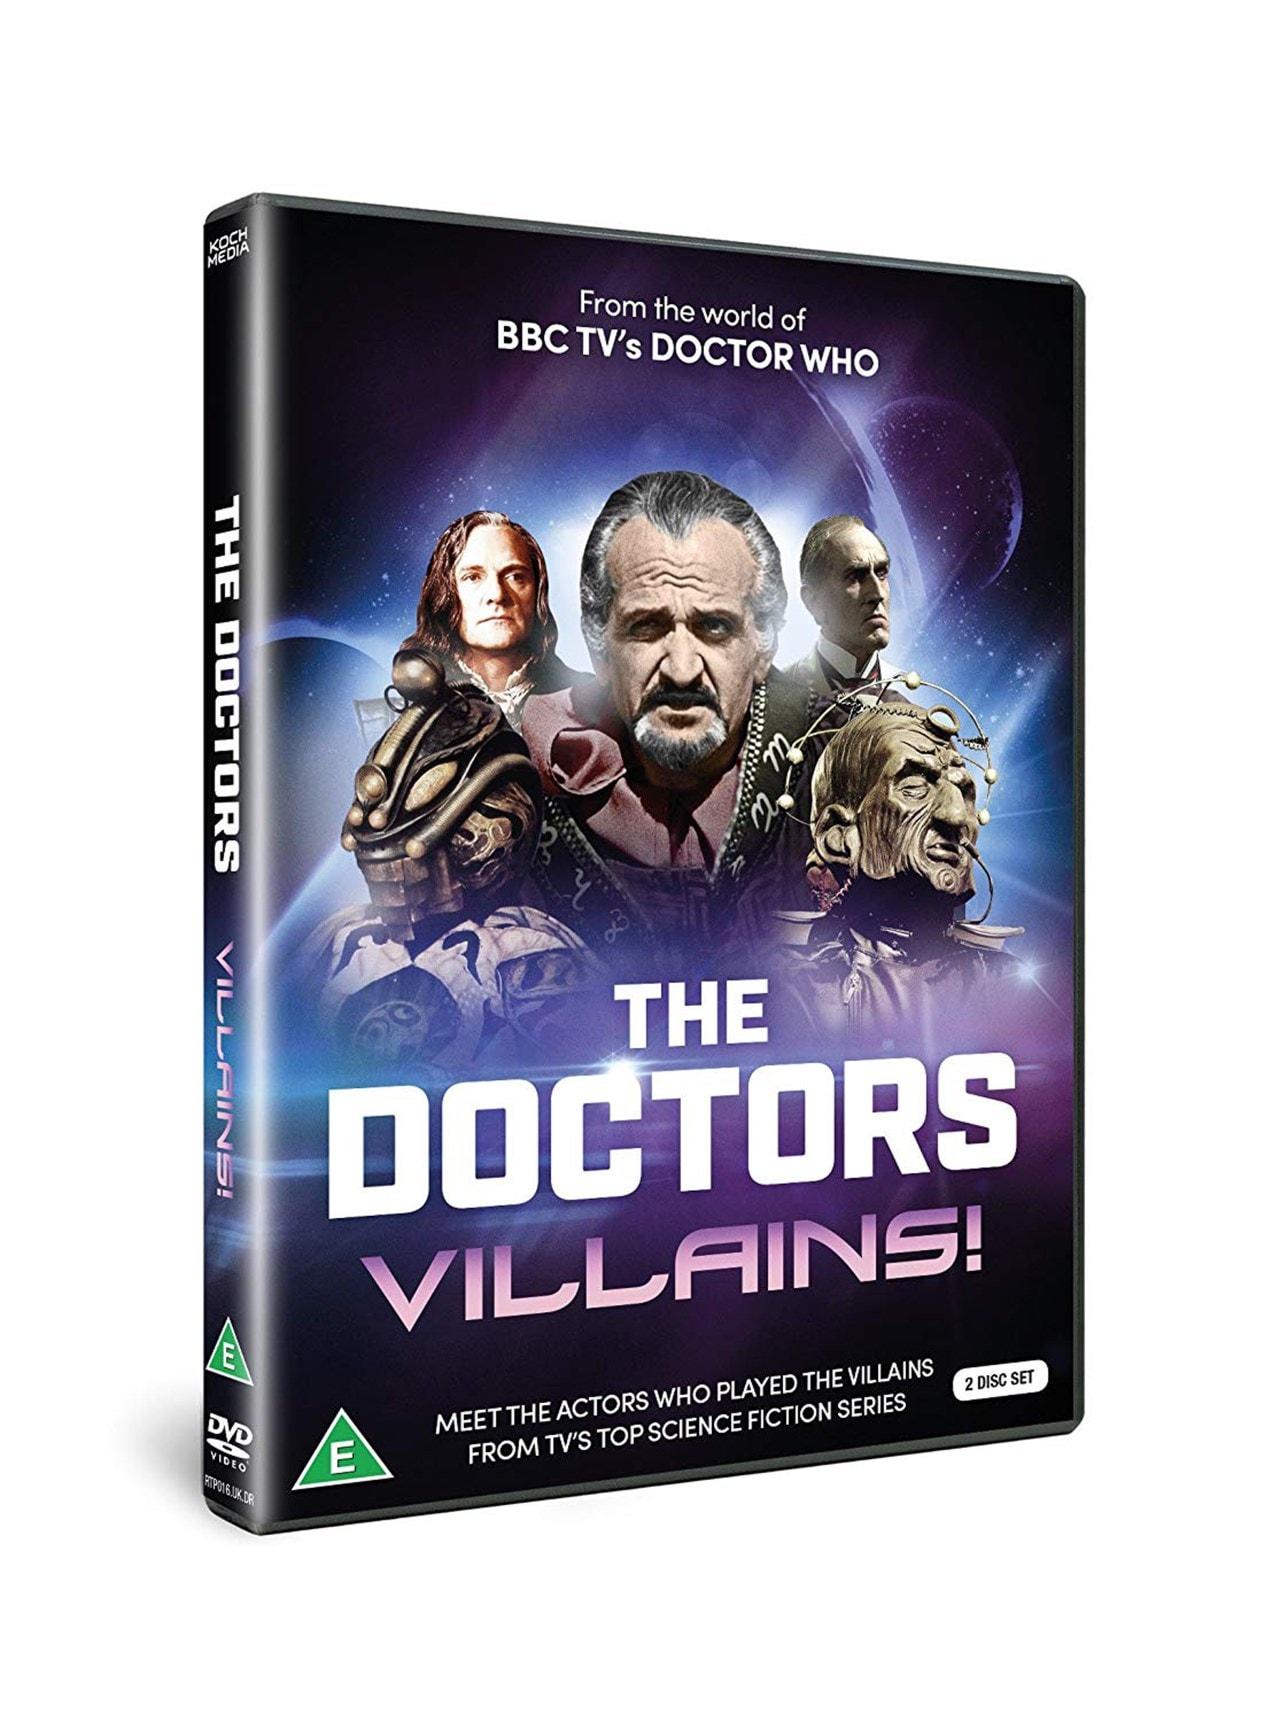 The Doctors - Villains! - 2